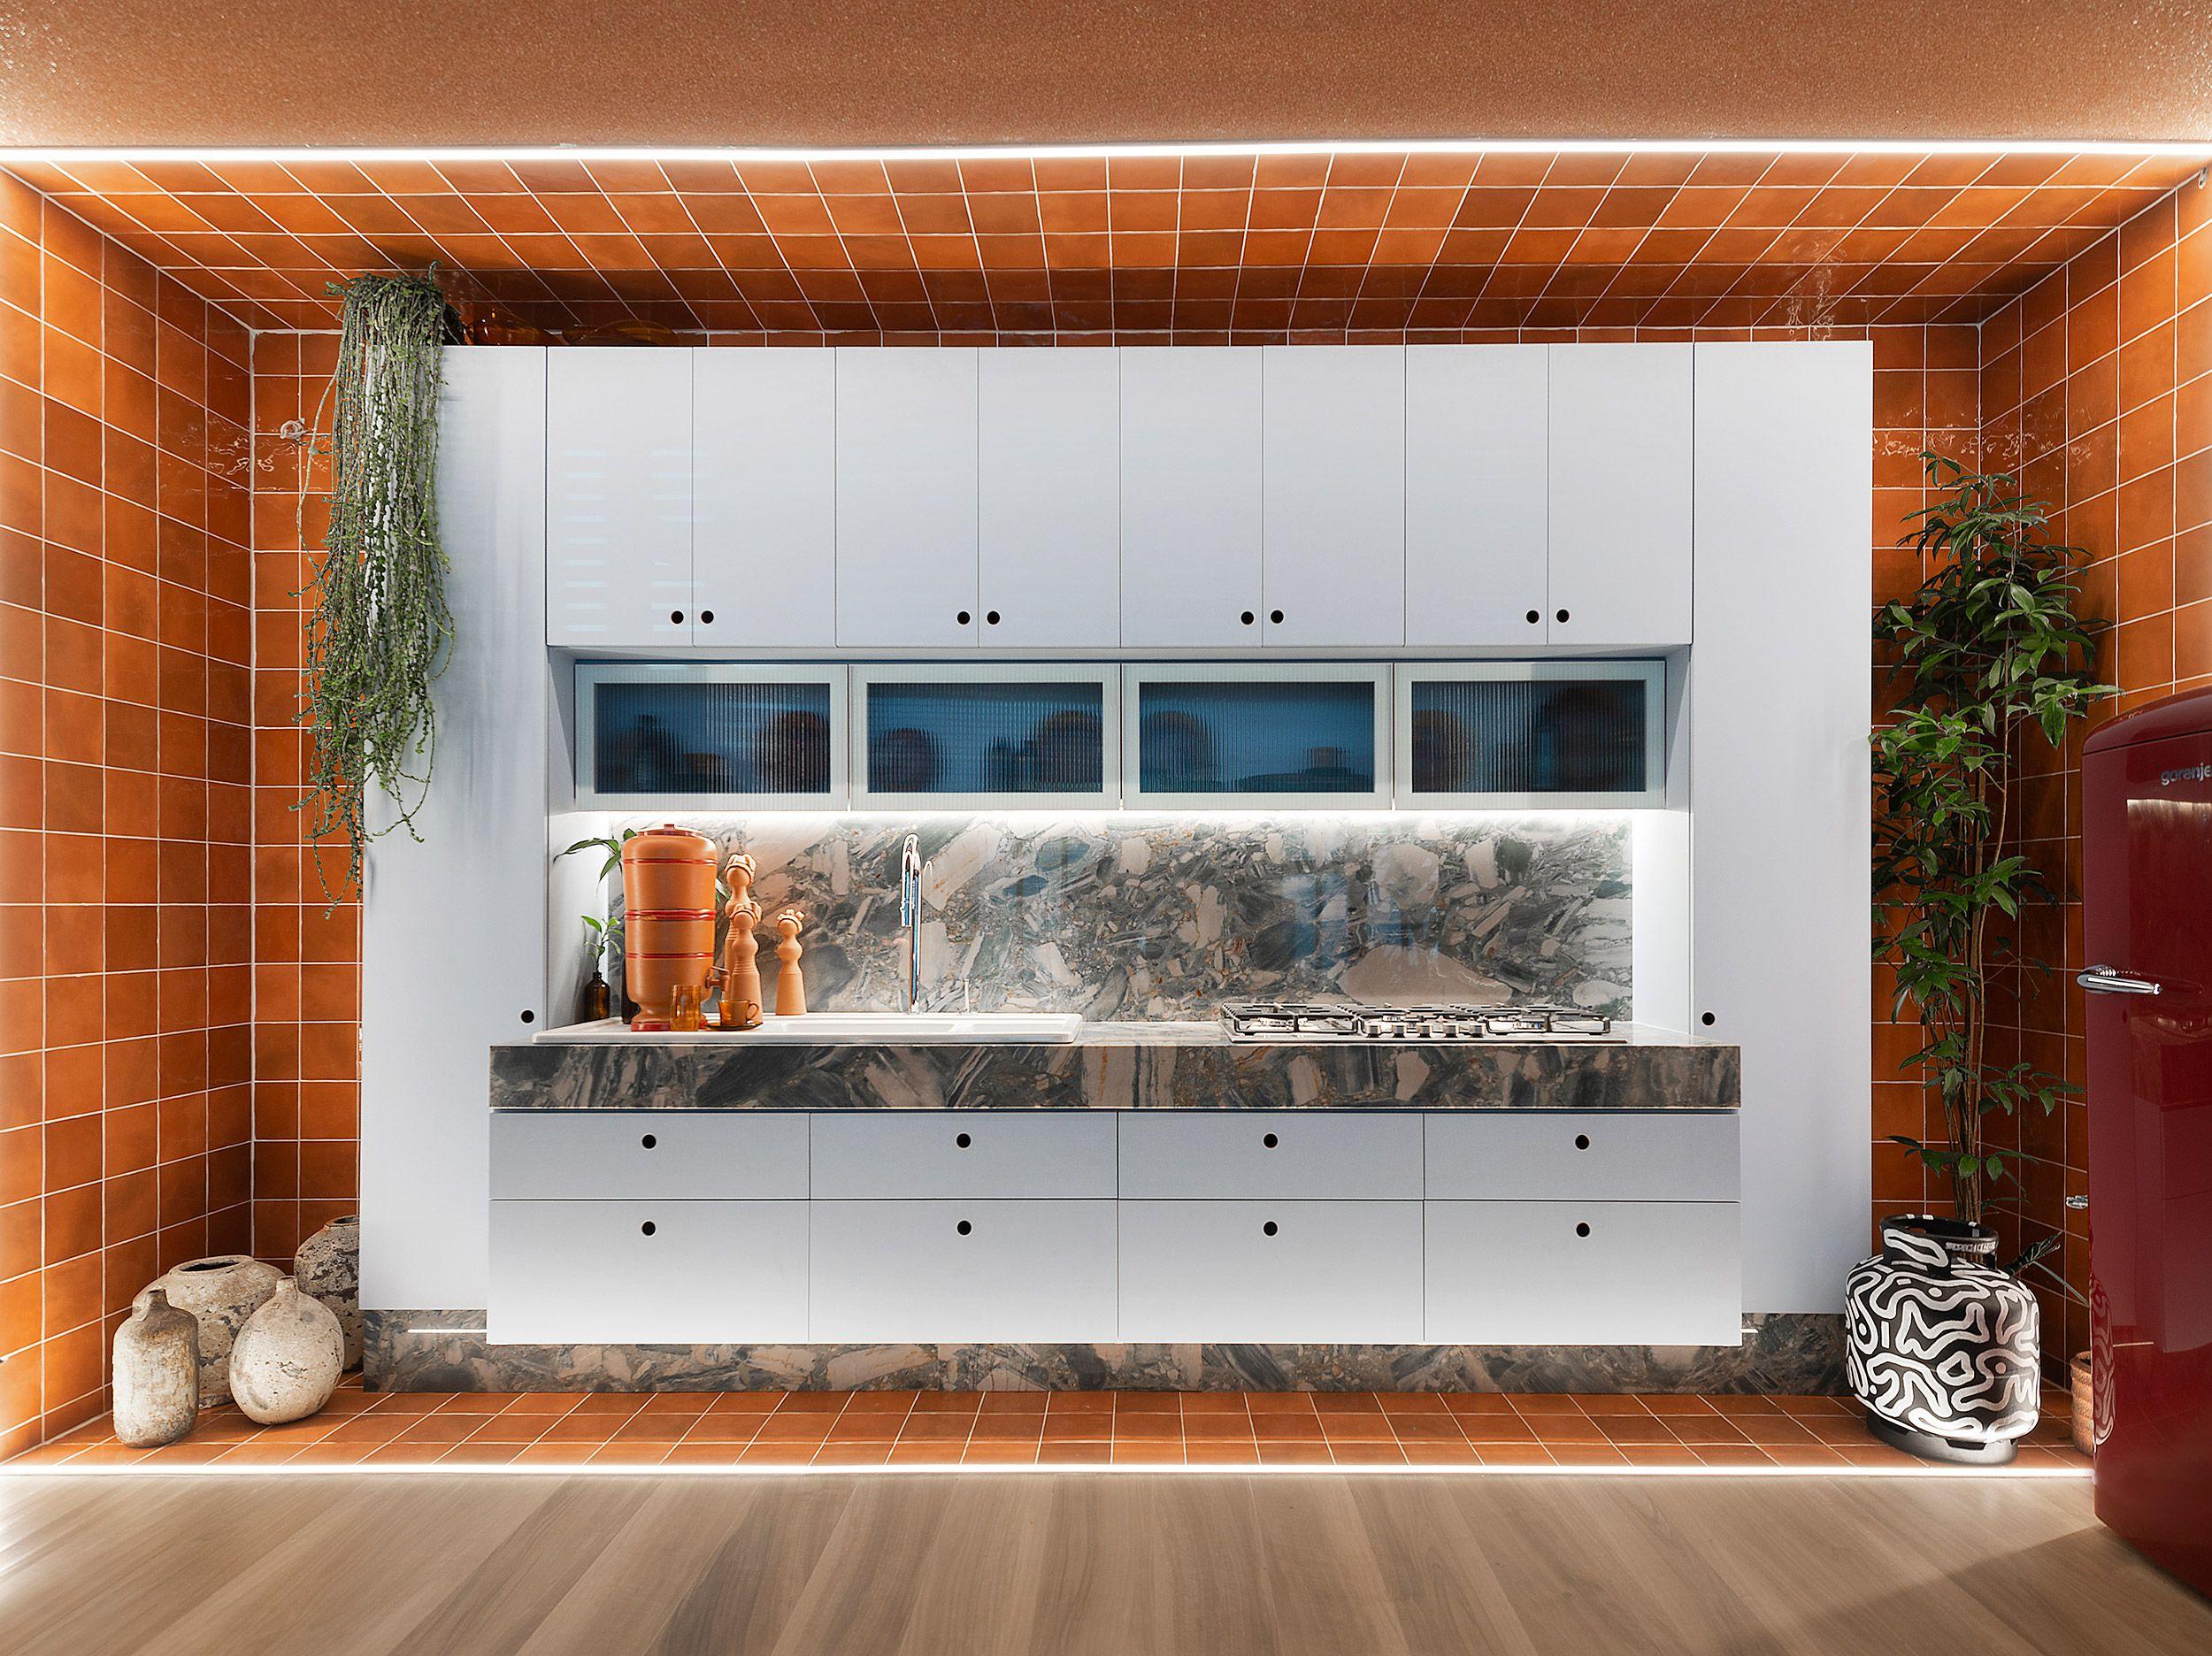 Cozinha com armários brancos e revestimentos em terracota